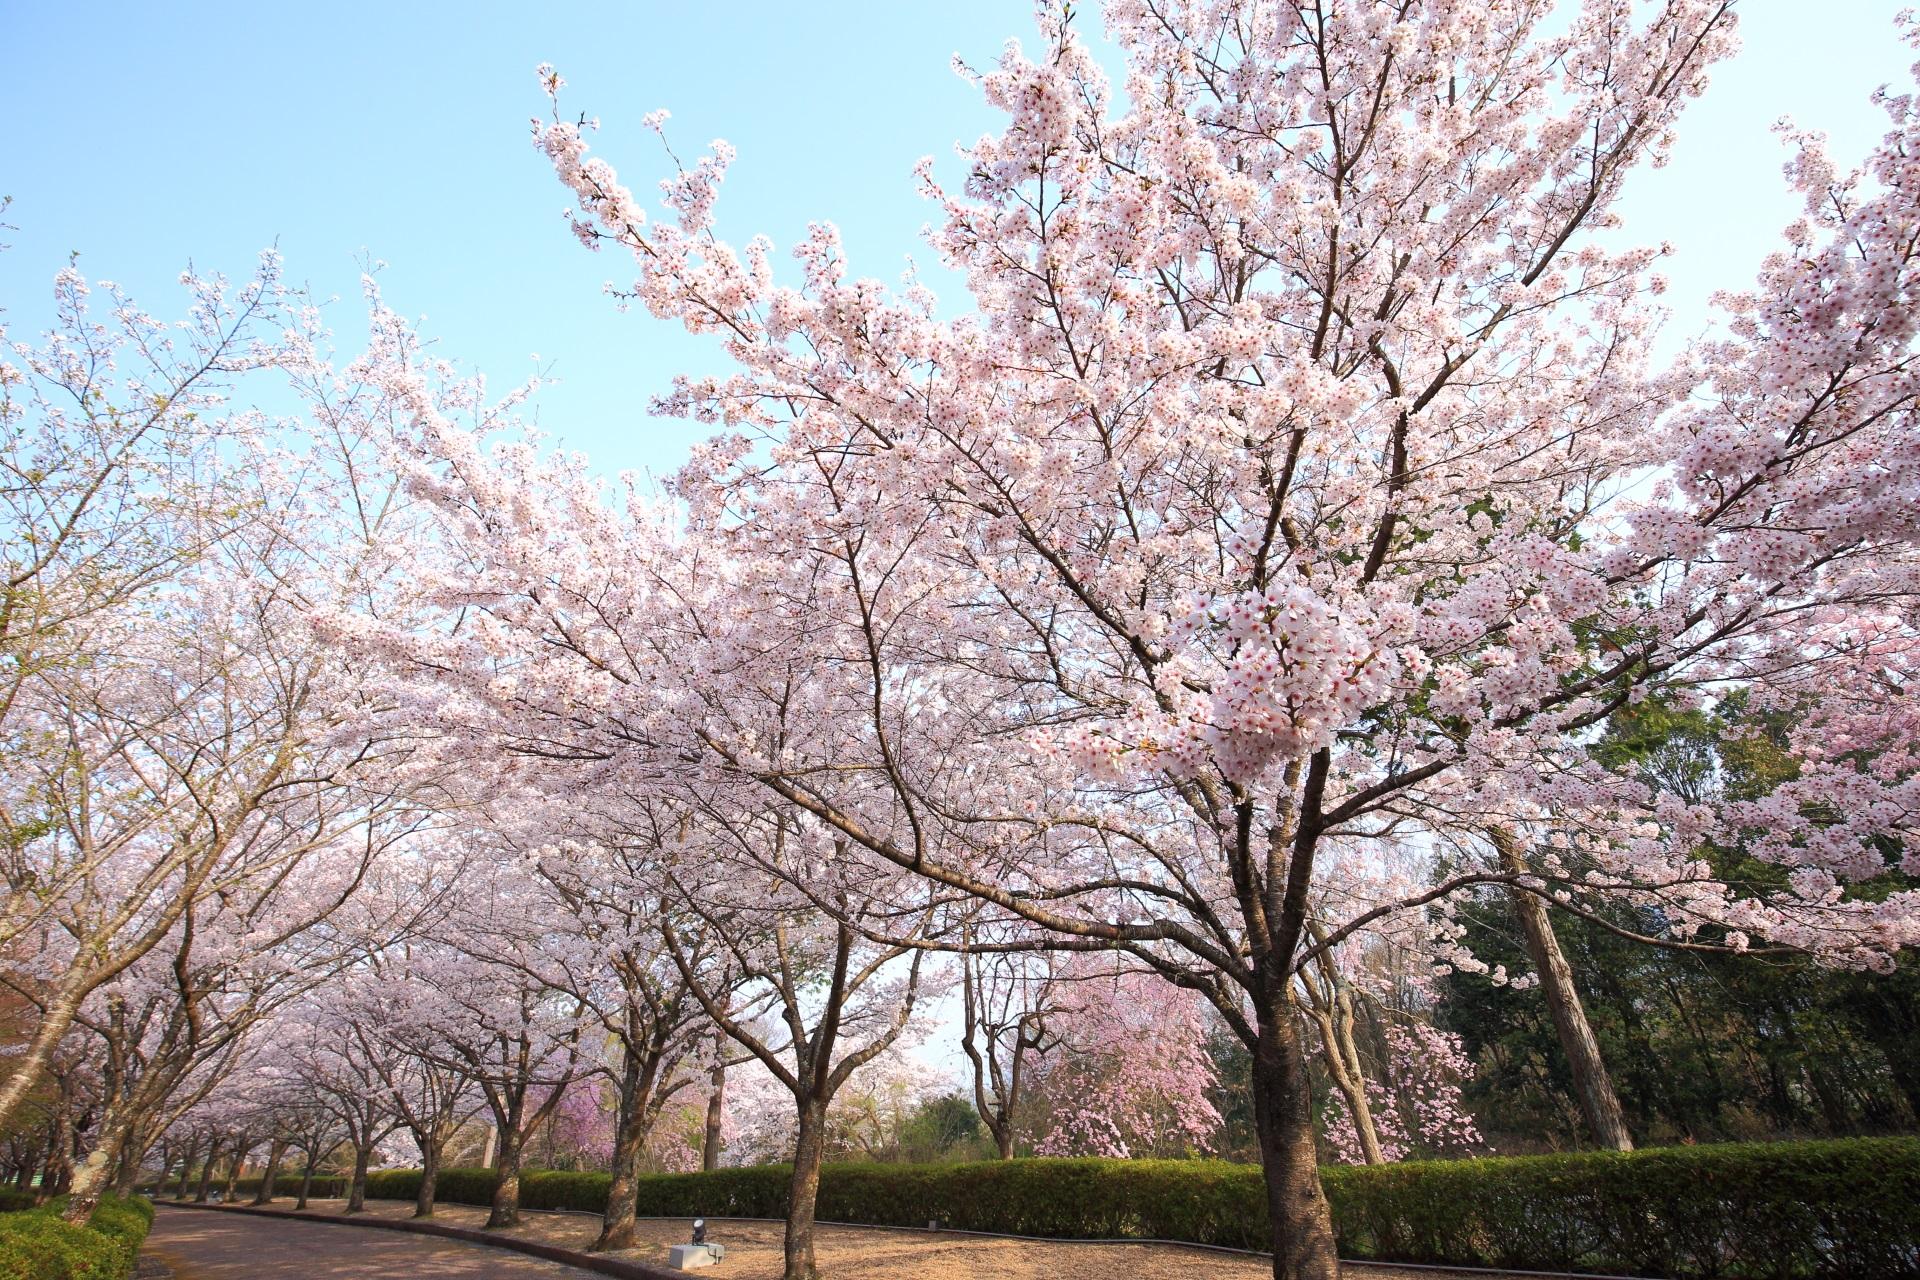 青空の下で枝を大きく伸ばして咲き誇る和らぎの道の桜